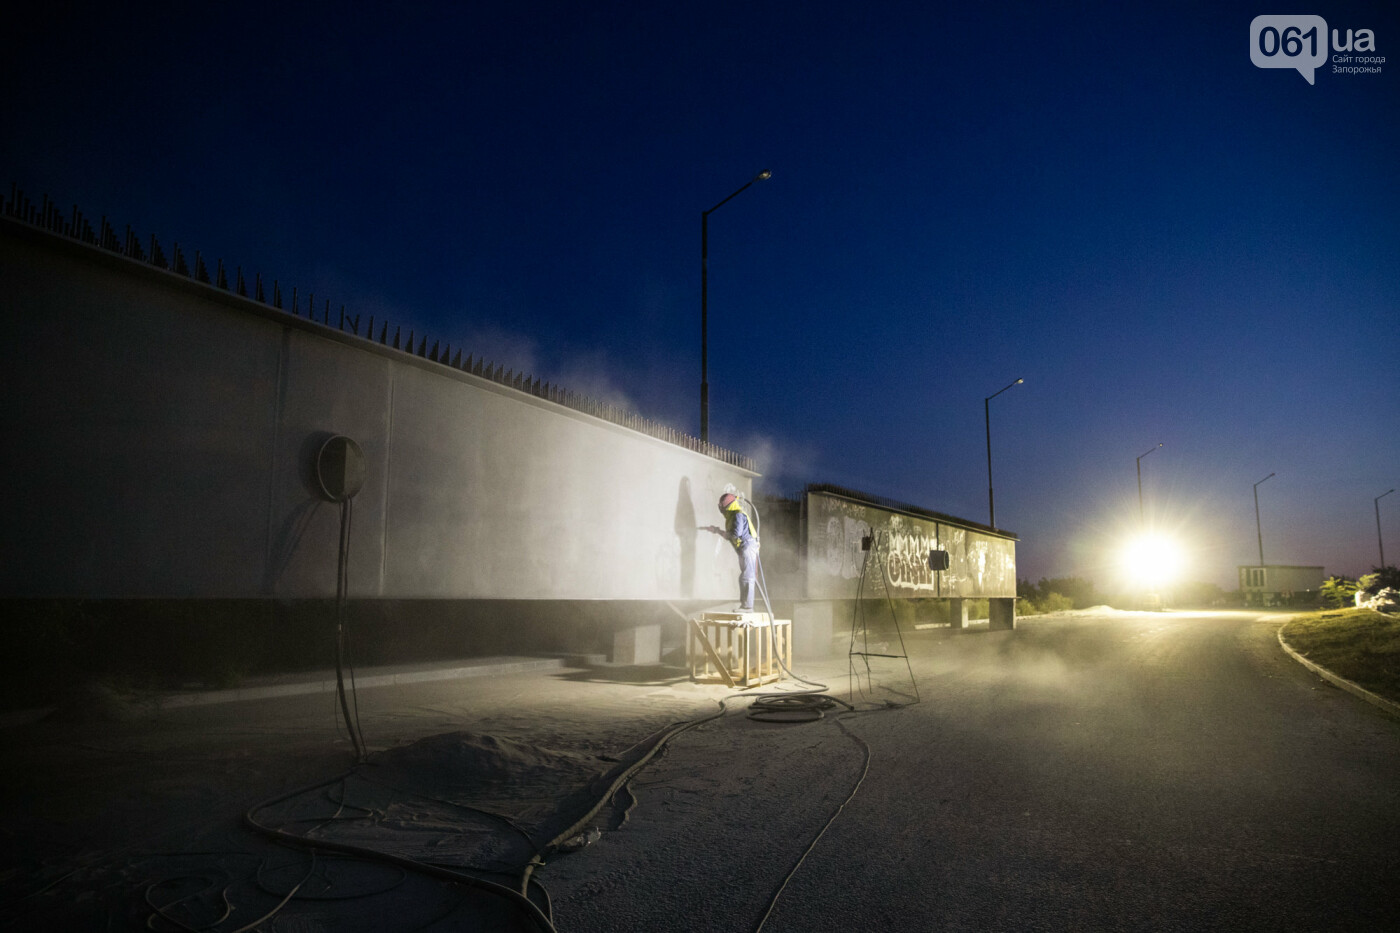 В Запорожье собирают балочный мост через Старый Днепр – строители работают даже ночью, - ФОТОРЕПОРТАЖ , фото-33